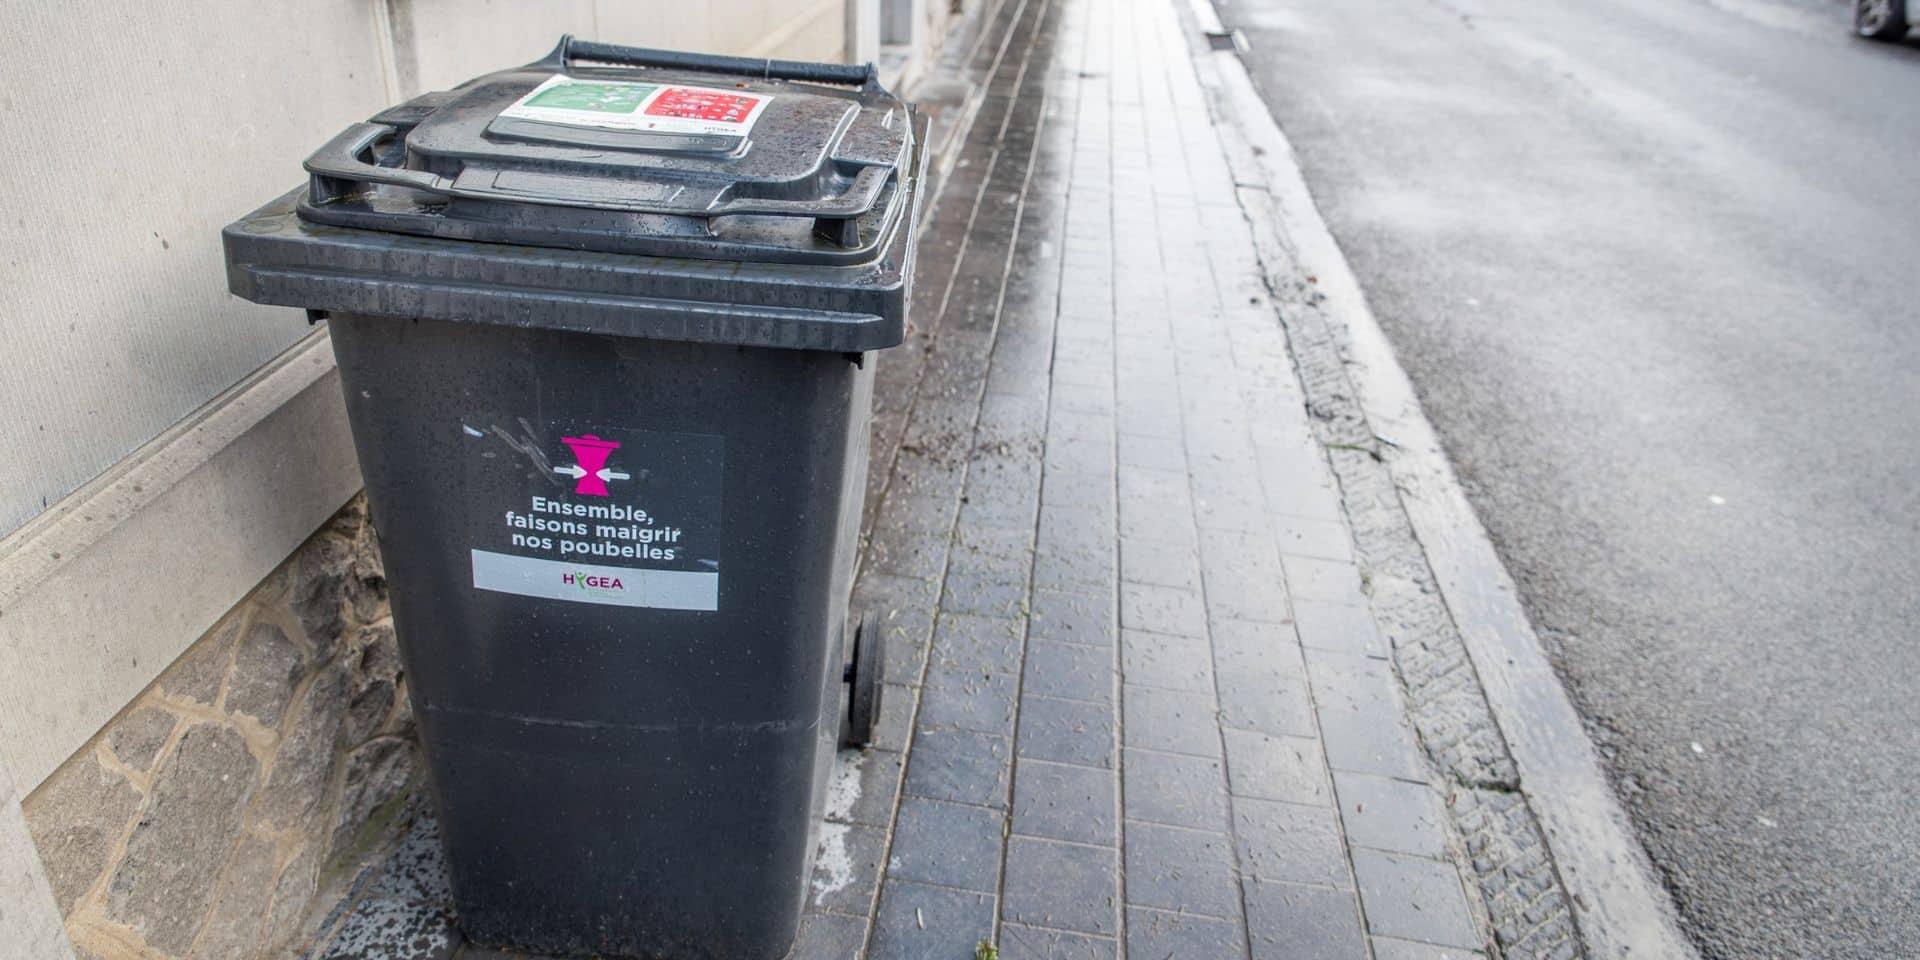 À Ecaussinnes, des citoyens vont manifester pour garder leurs poubelles